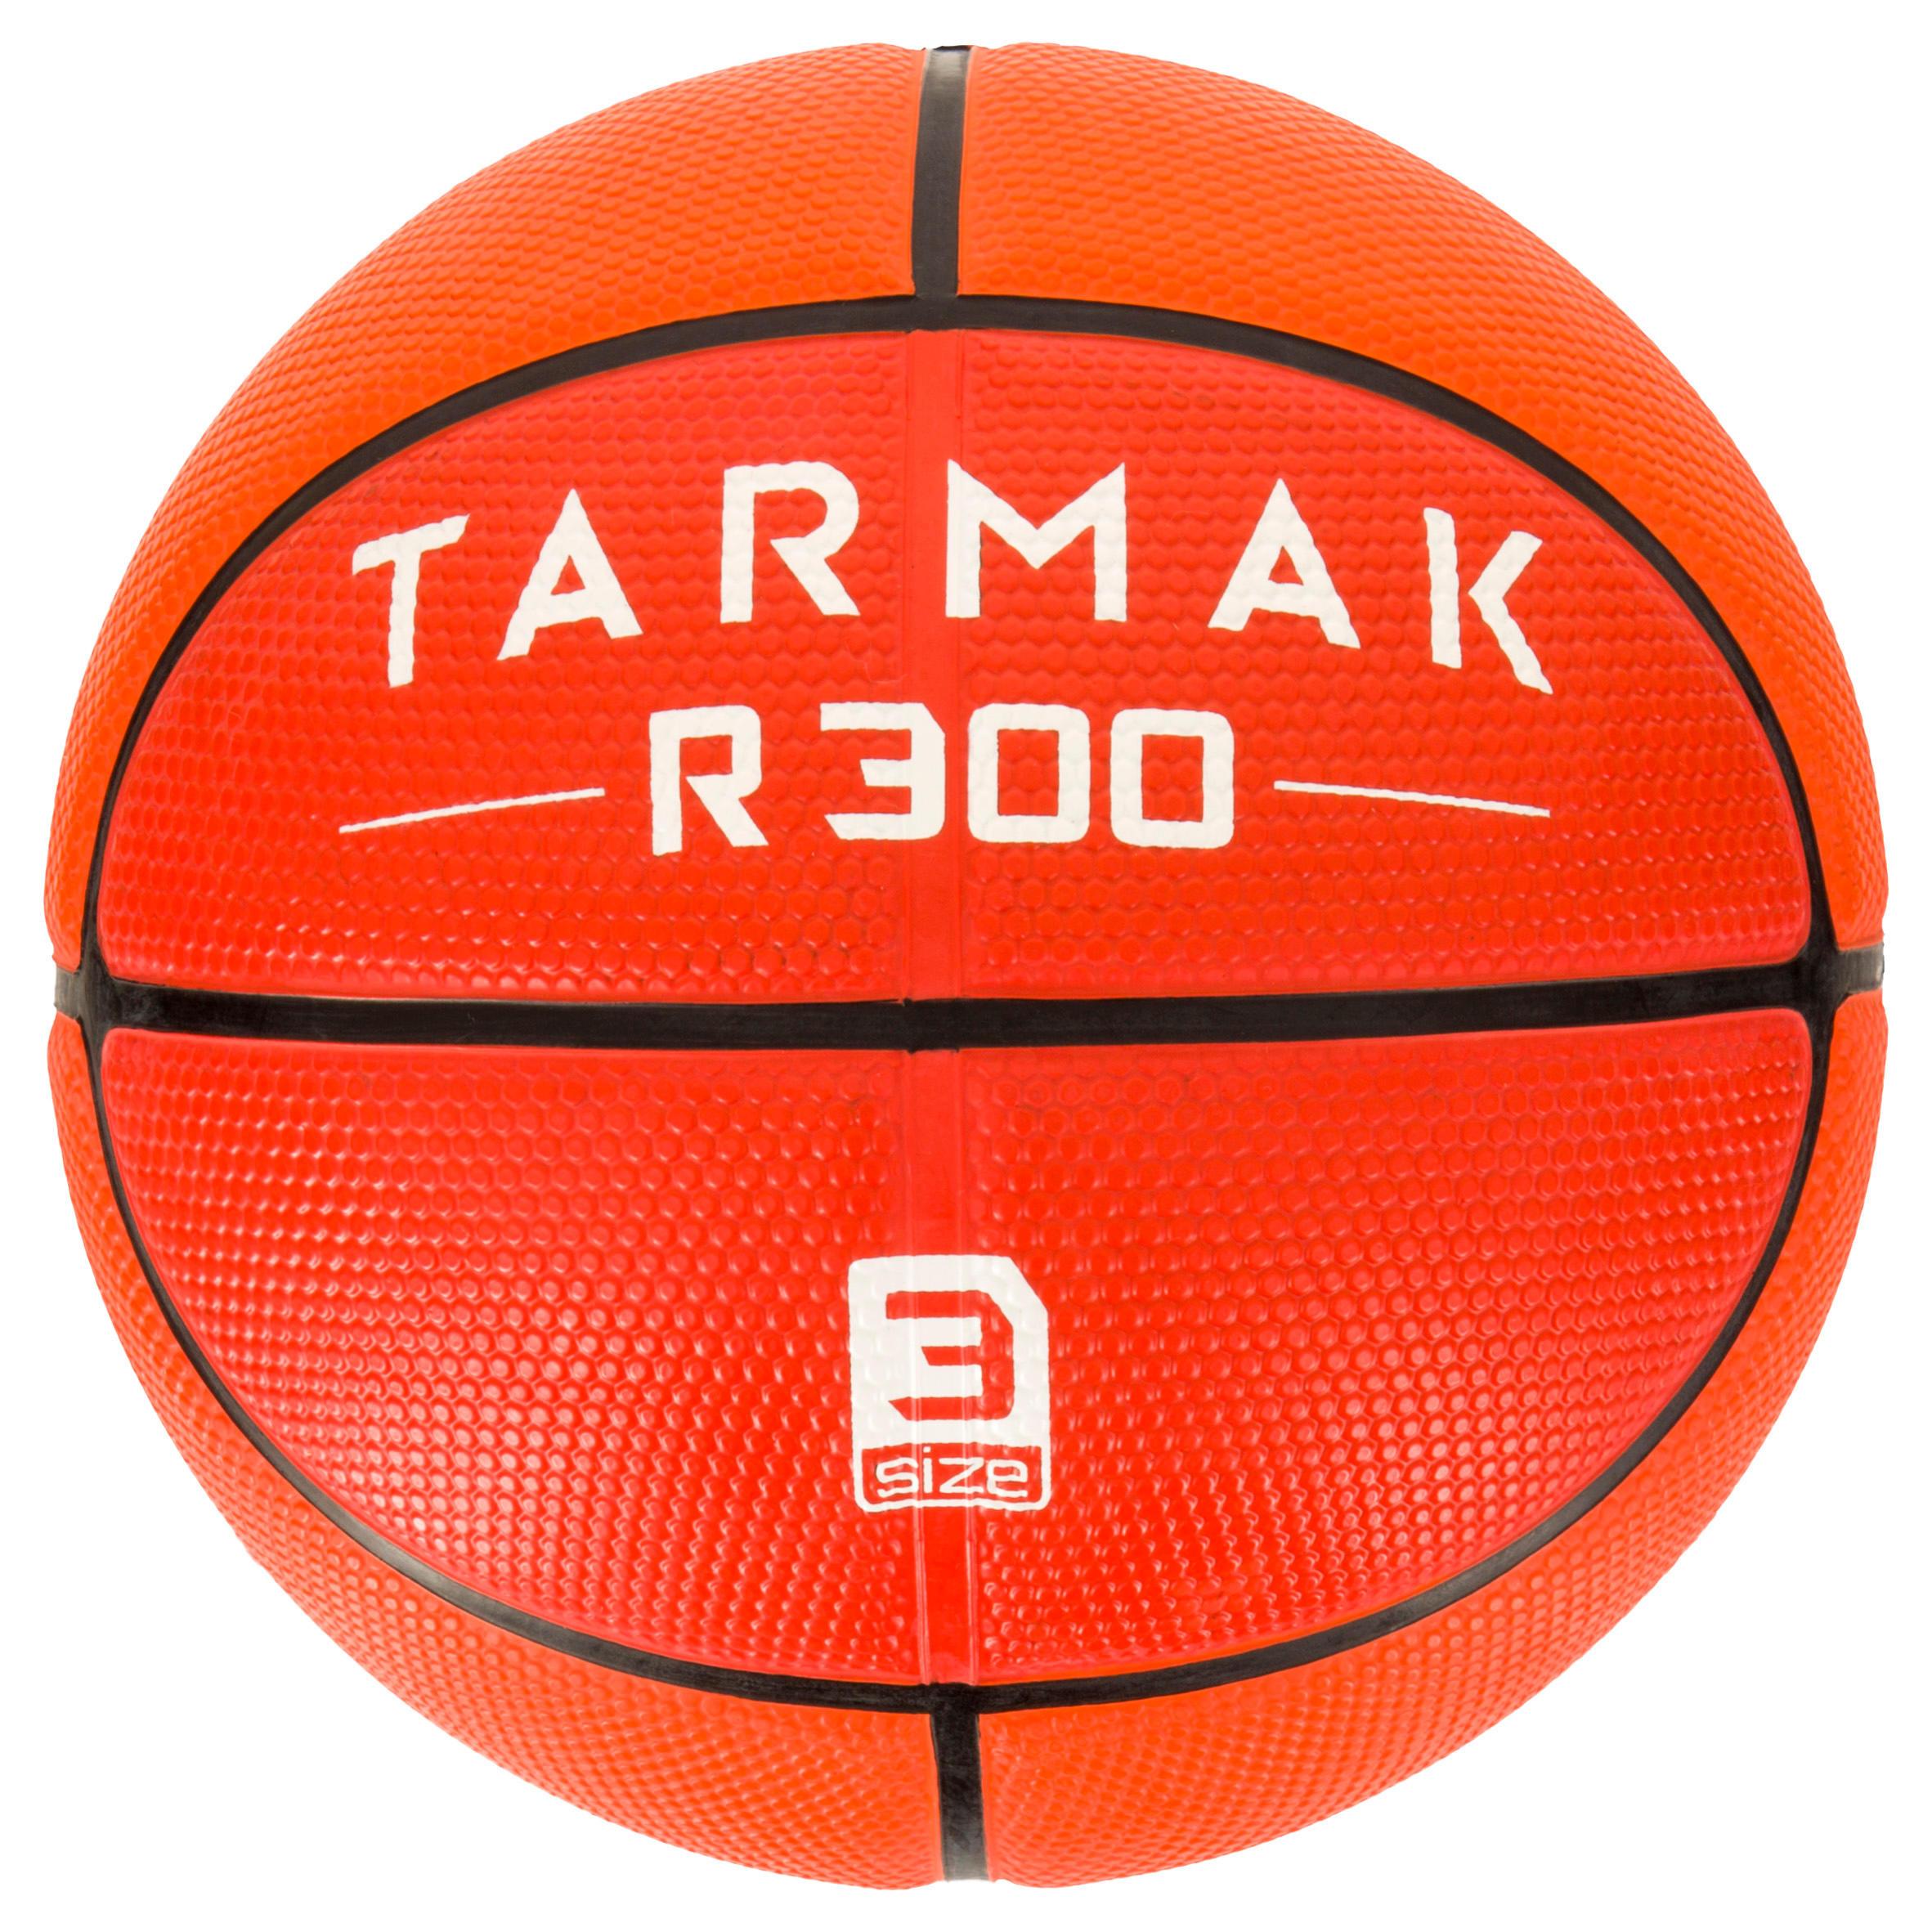 Tarmak Basketbal R300 maat 3 voor kinderen oranje. voor basketspelertjes jonger dan 6.